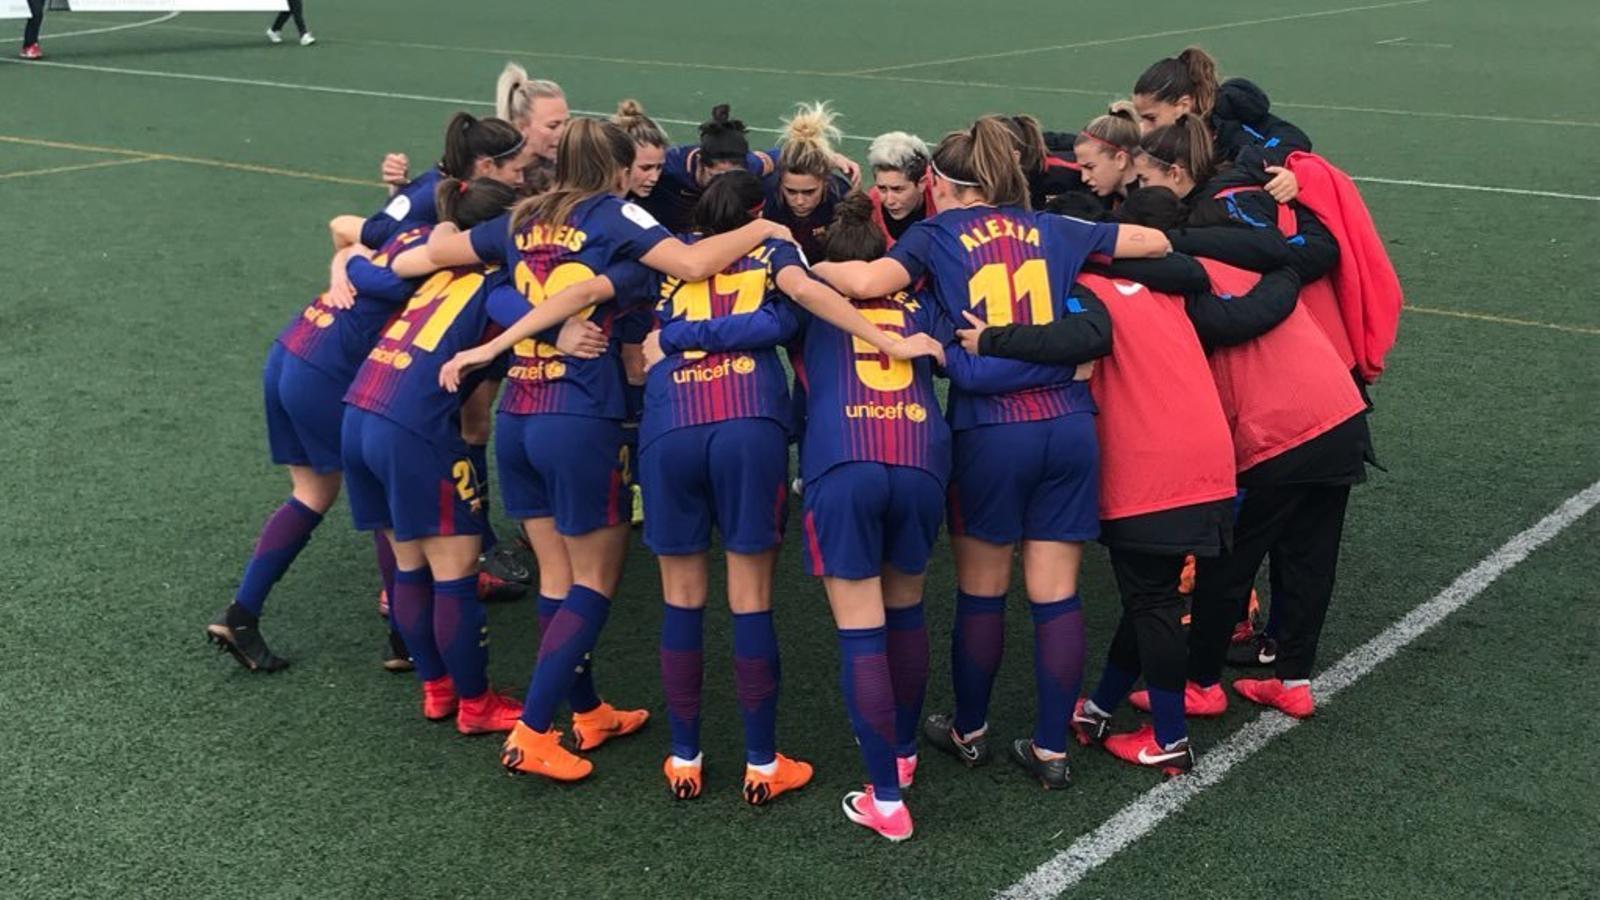 Les jugadores del Barça, abans del partit contra l'Sporting de Huelva